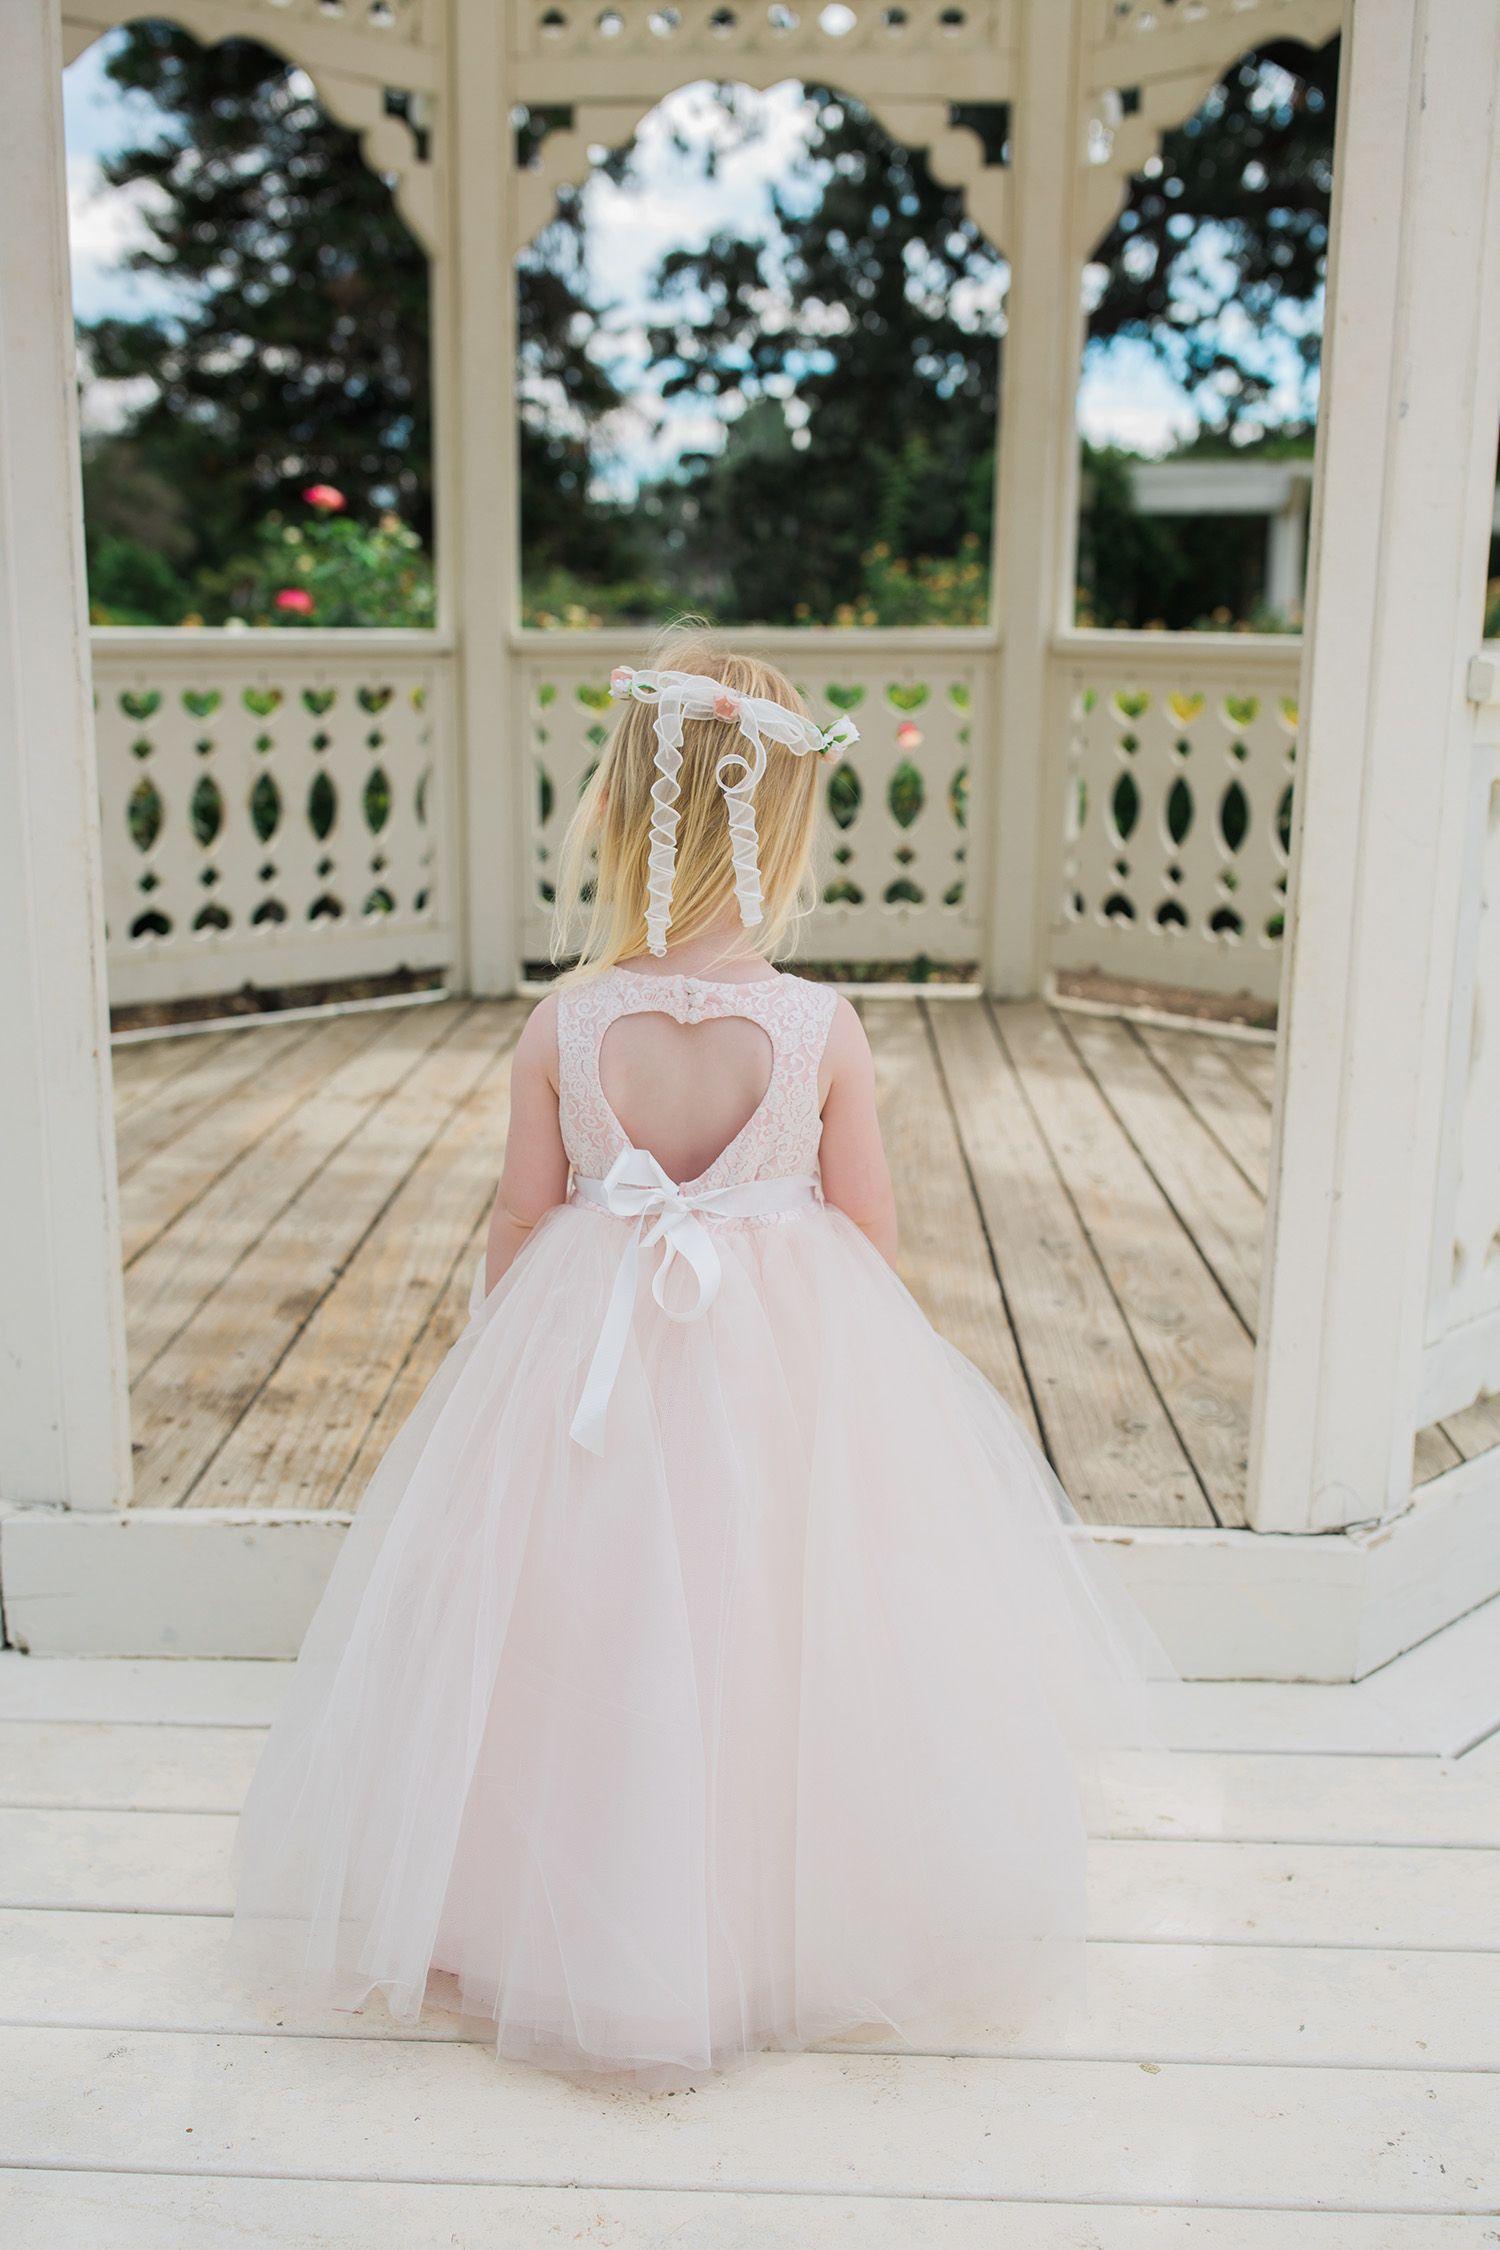 Fall Wedding Dresses Flower Girl Dress And Wedding Guest Ideas